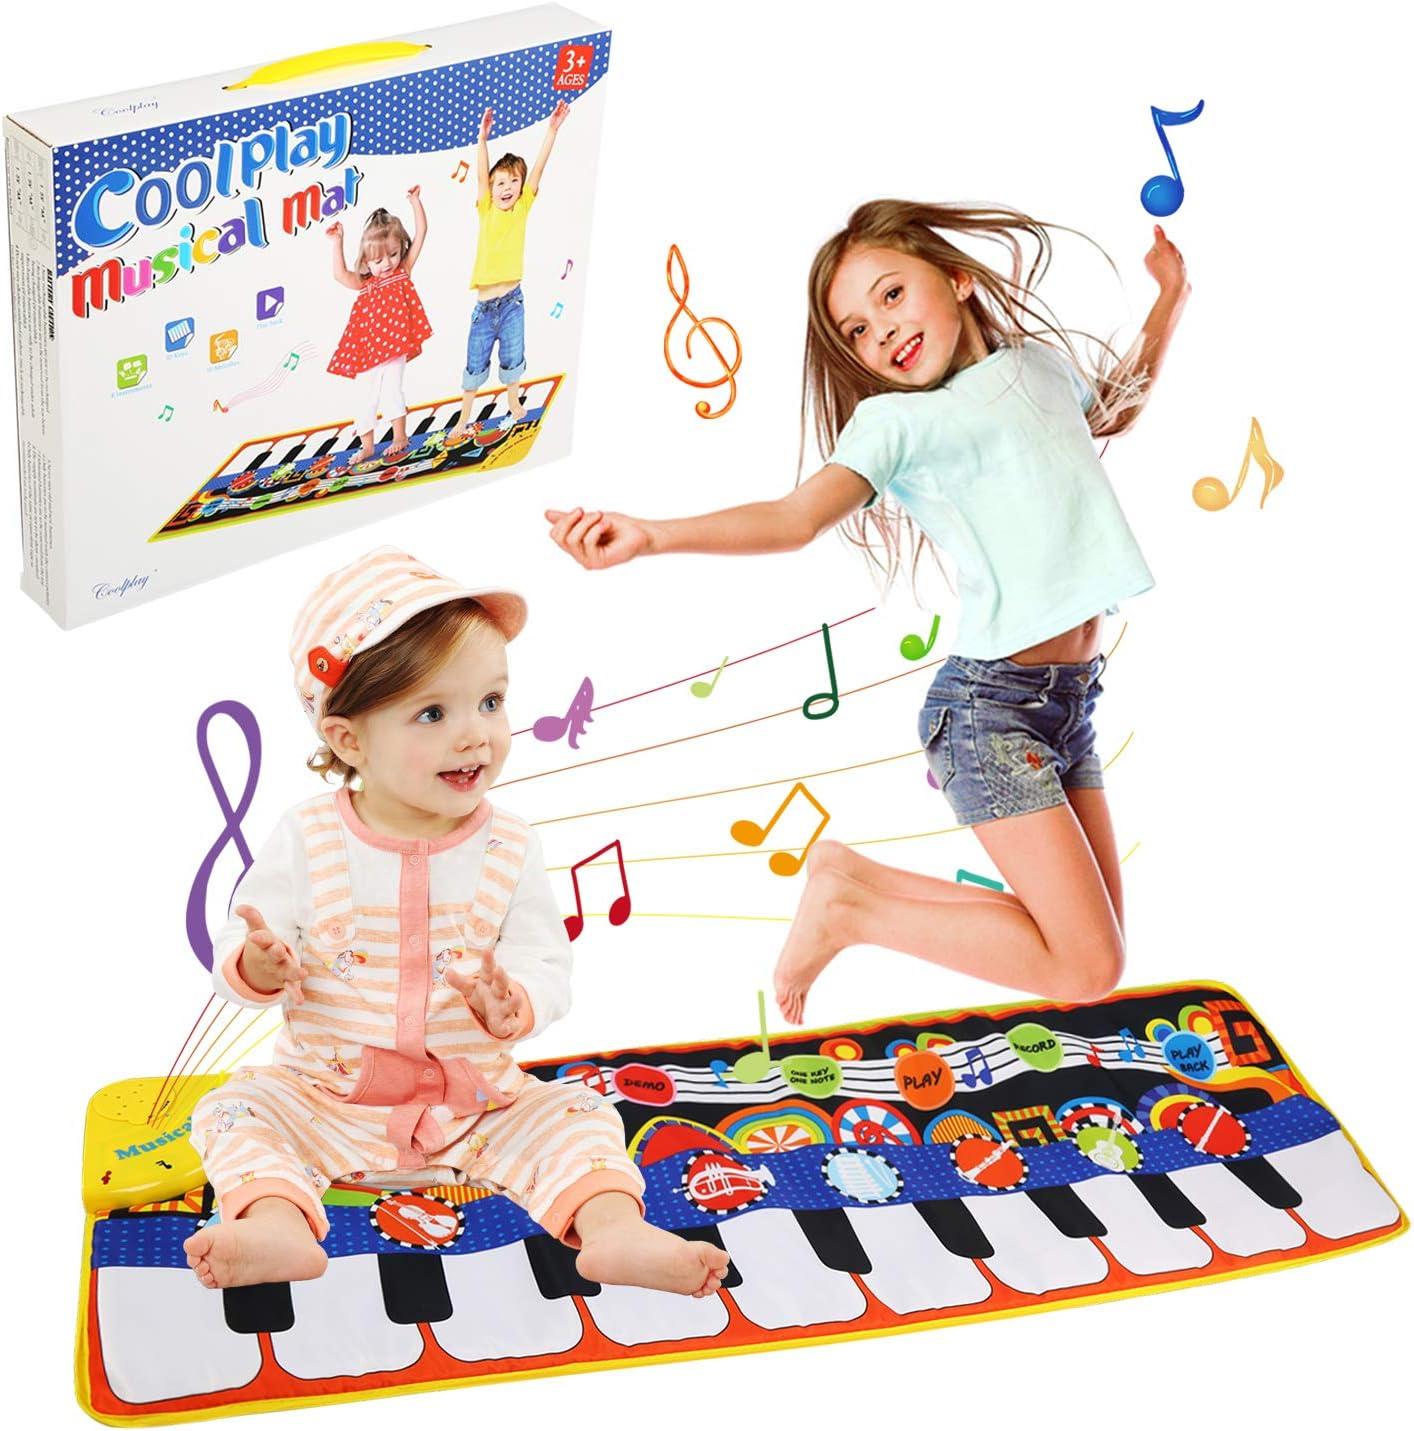 LinStyle Alfombra de Piano, Bailar y Cantar de Teclado Alfombra Musical, Bebé o Niño Pequeño, Piano de Suelo, Alfombra Divertida de Juegos, Manta para Niños (110 * 36 cm)